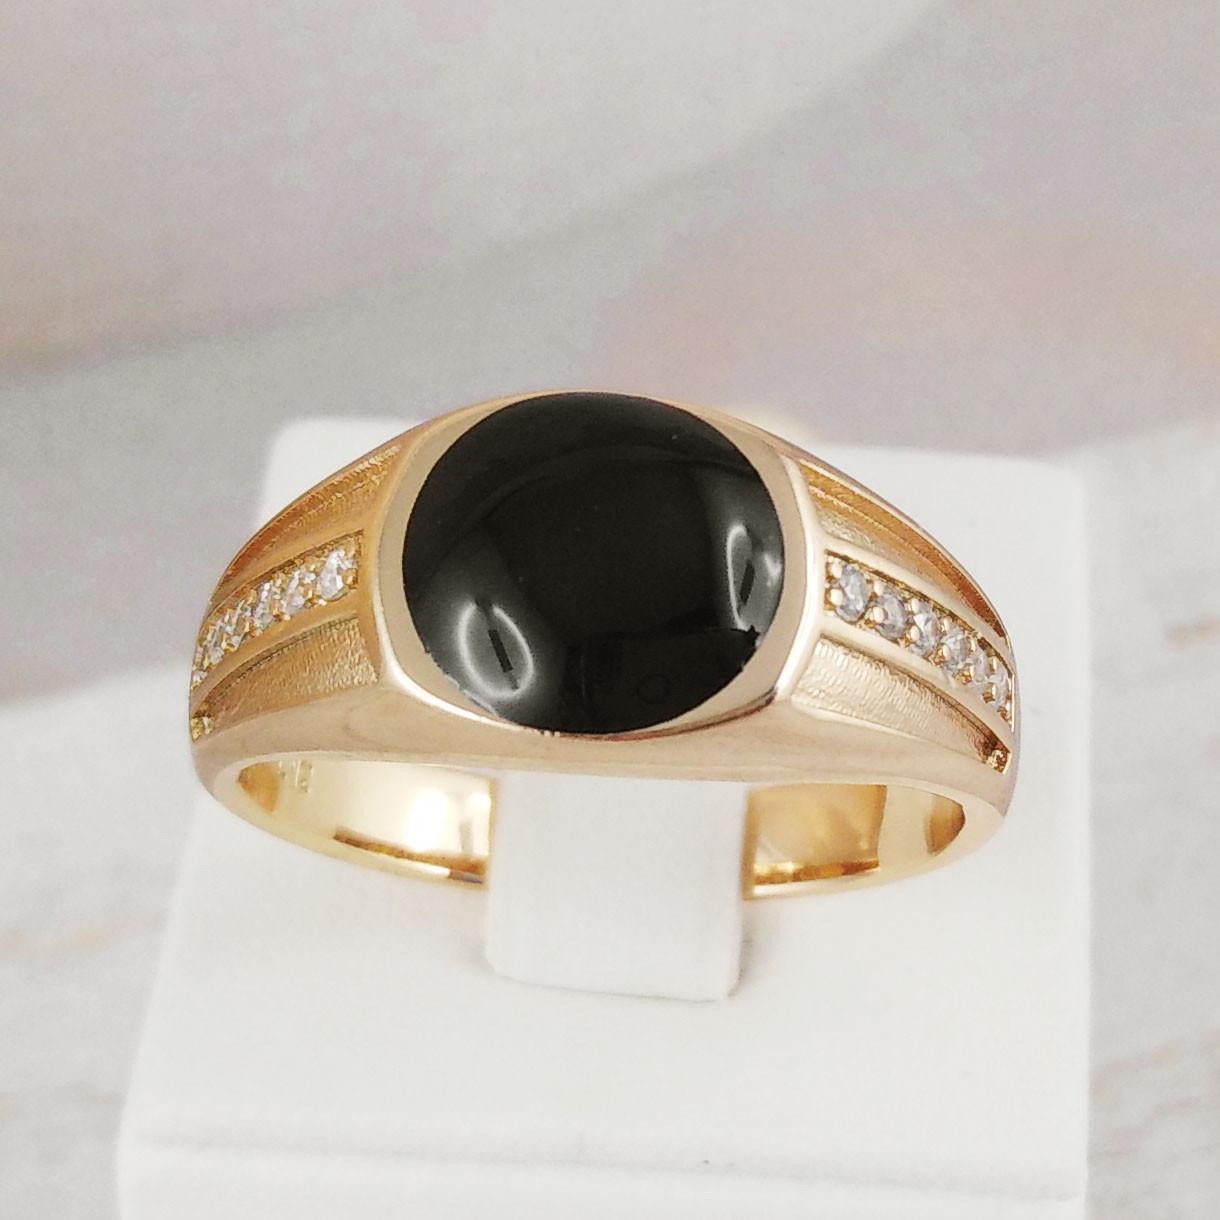 Печатка Xuping Jewelry размер 23 с черной круглой вставкой медицинское золото позолота 18К А/В 2-0001